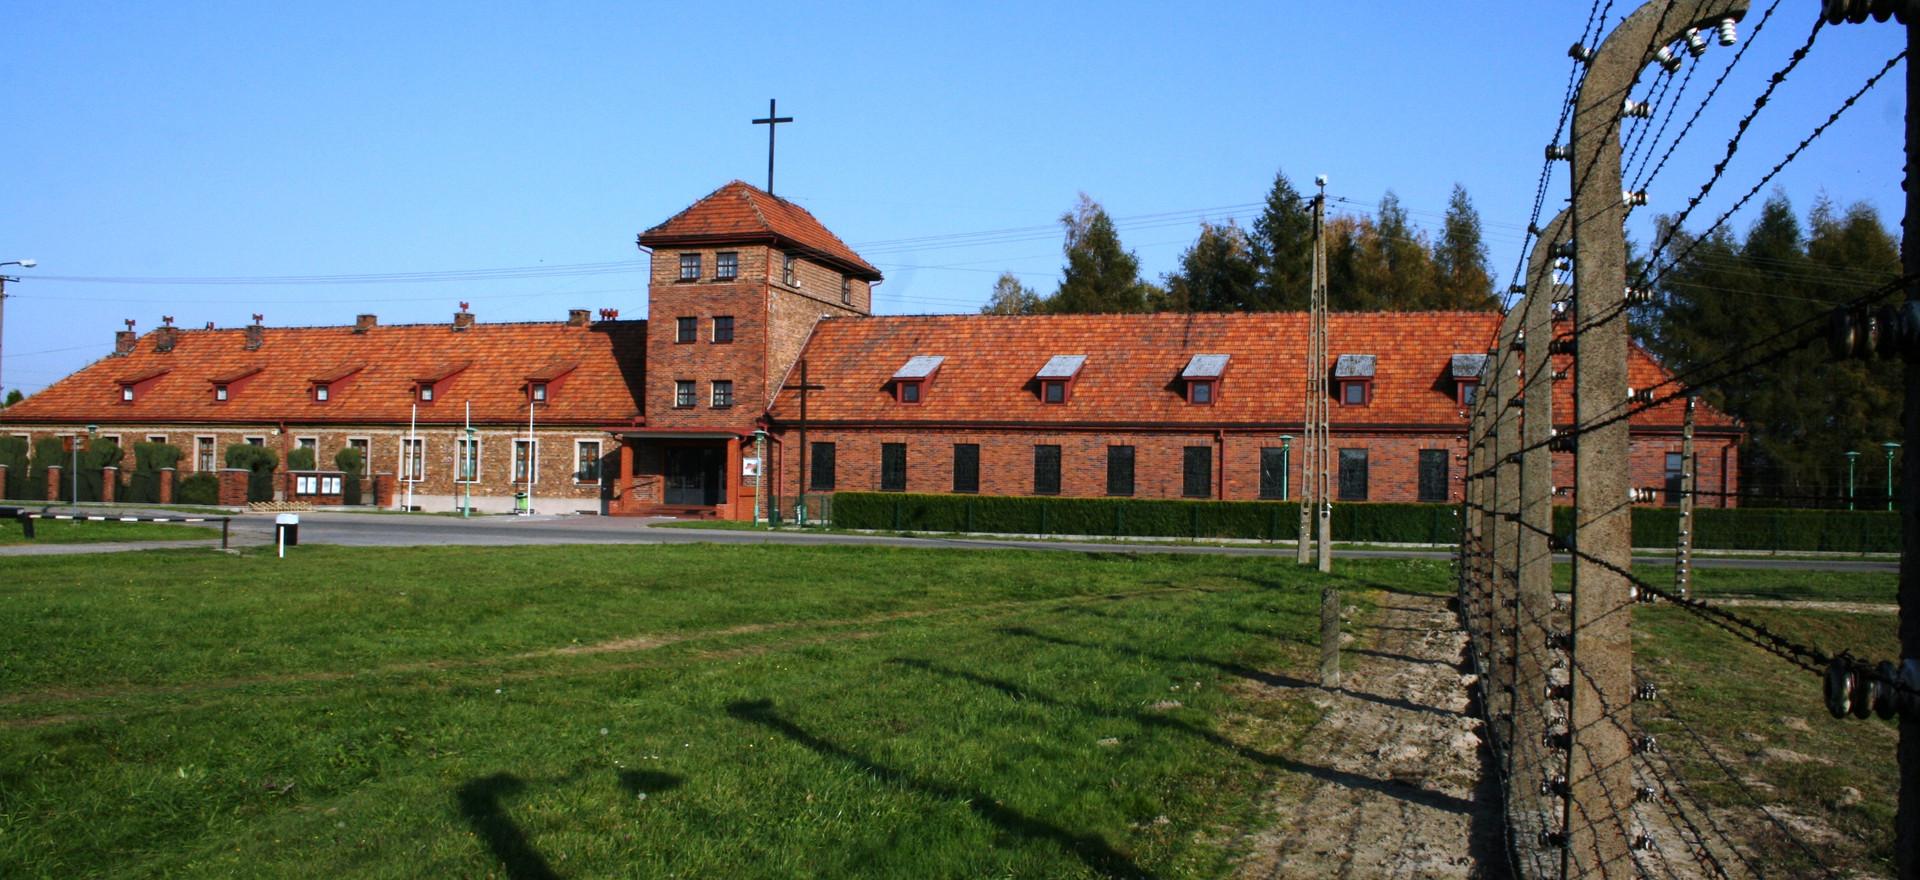 Het voormalige SS hoofdkwartier Birkenau